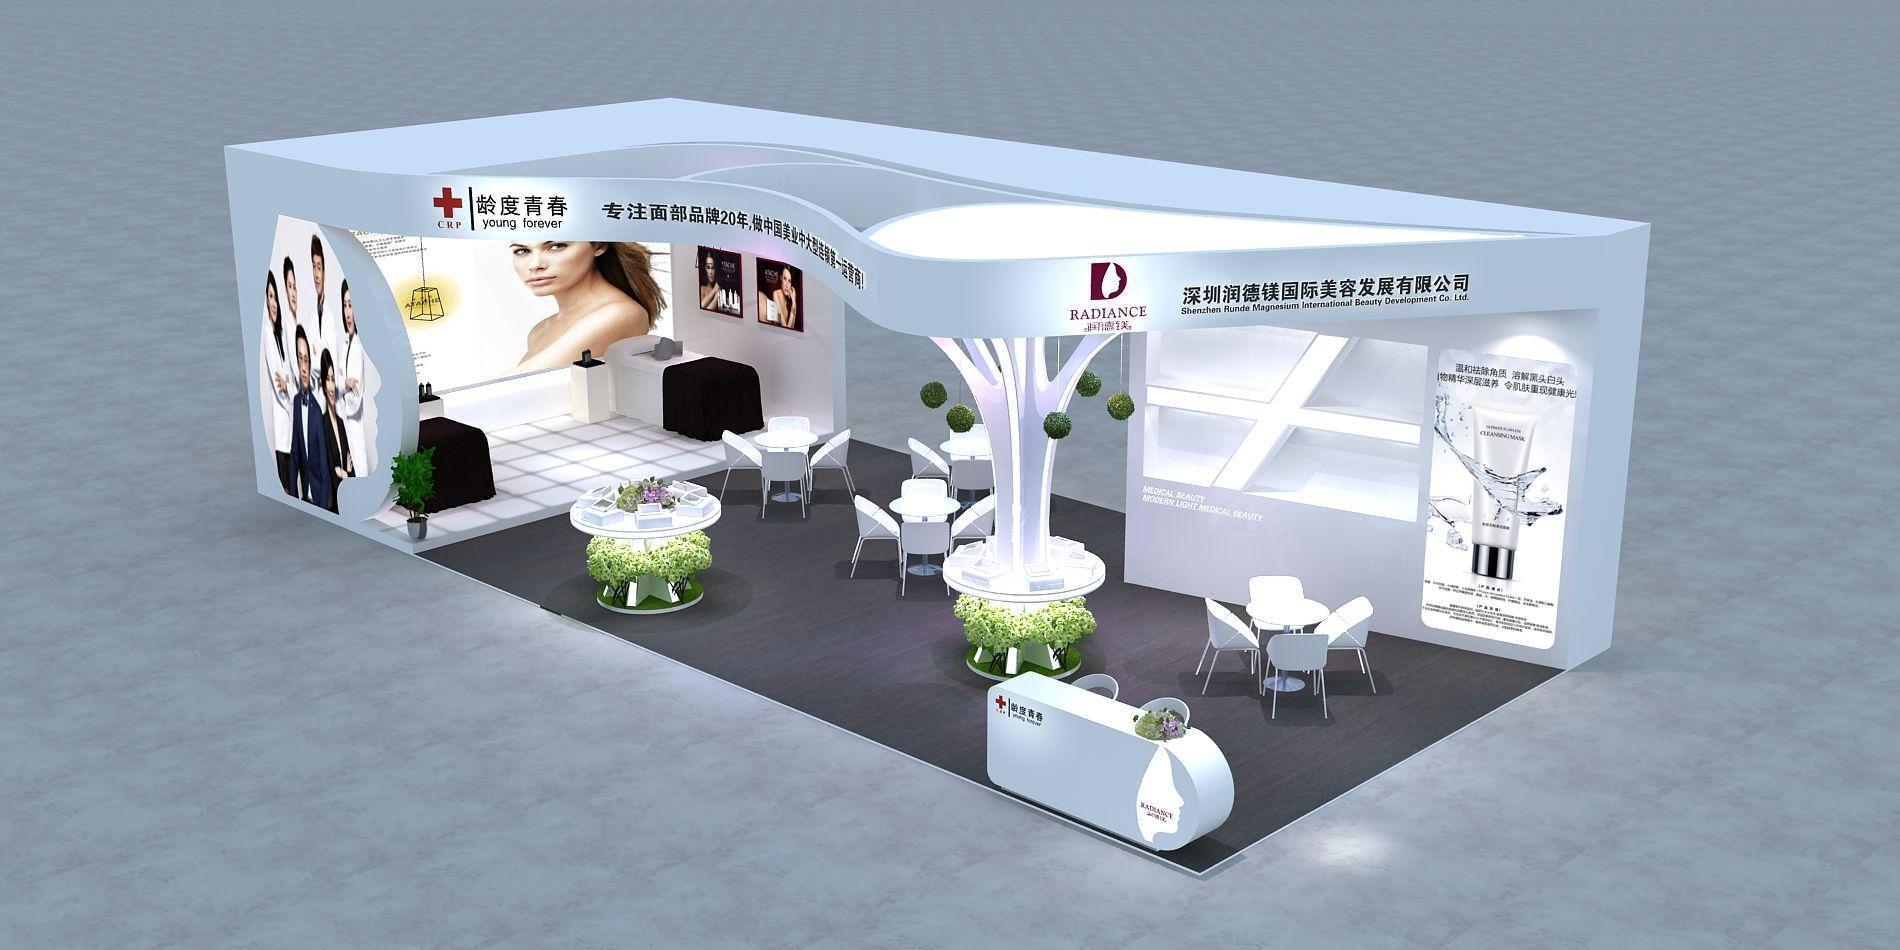 润德镁国际-----深圳美博会